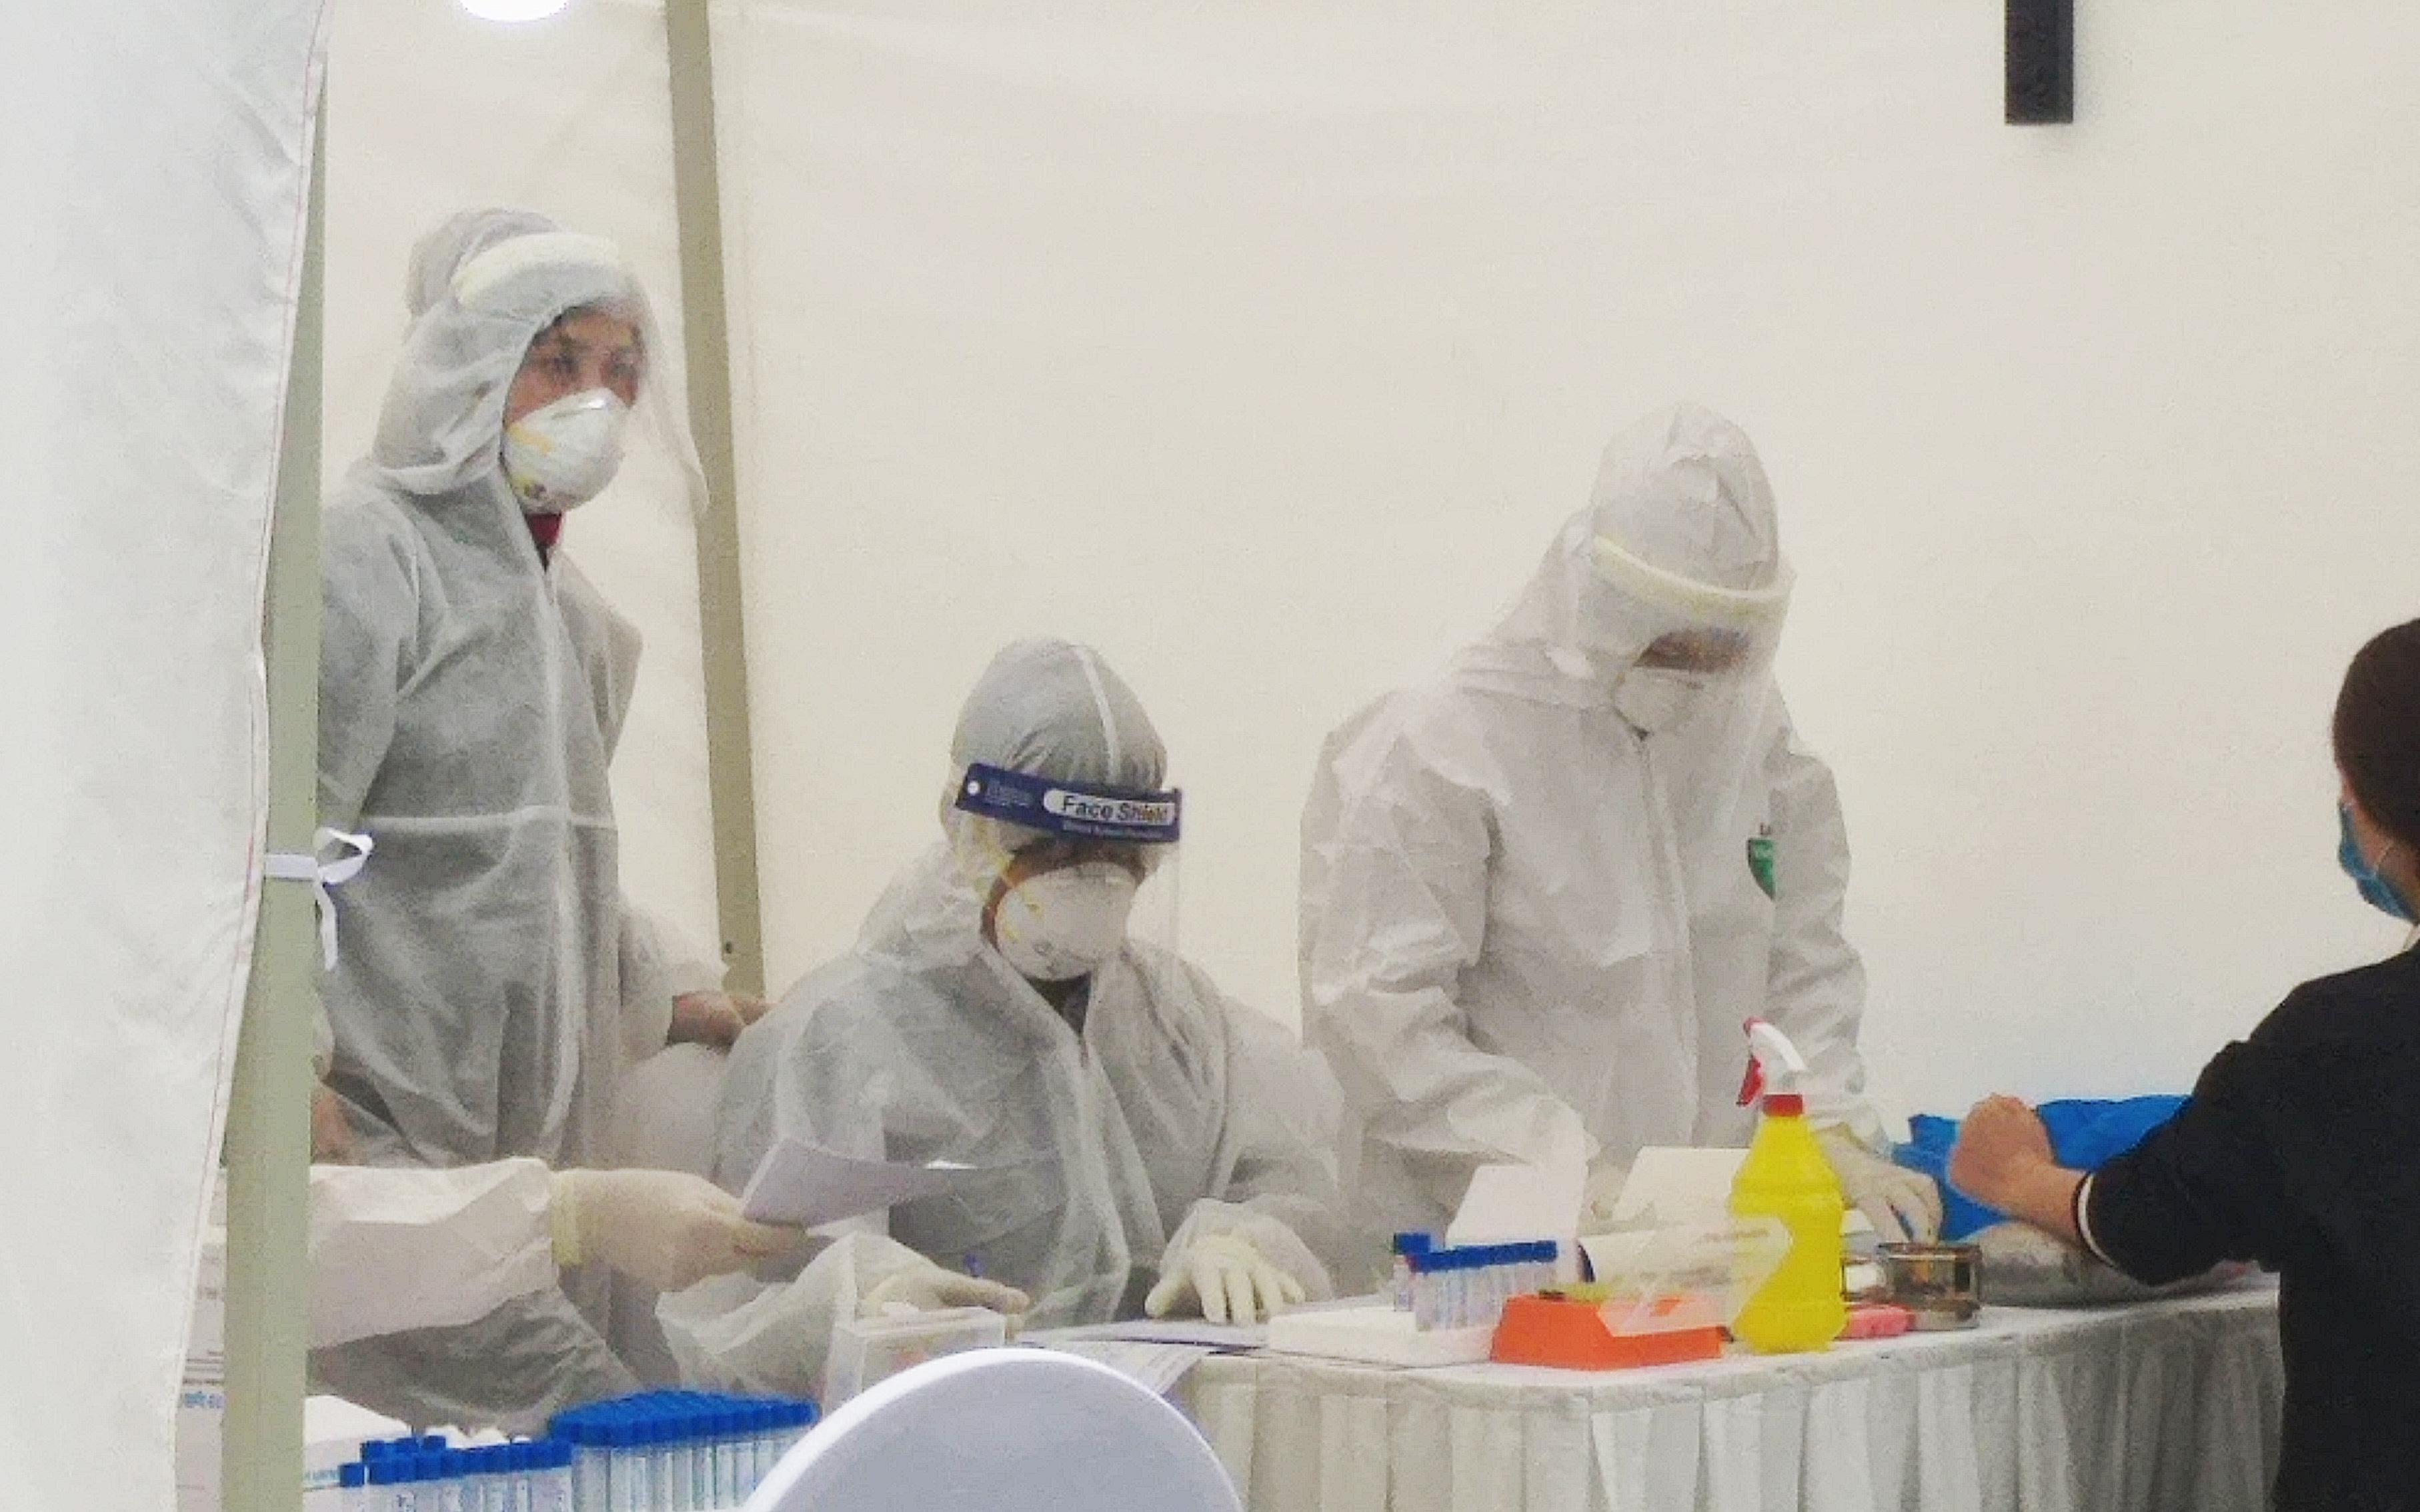 Hà Nội: Tiếp tục triển khai các chốt xét nghiệm nhanh Covid-19 tại các chợ đầu mối